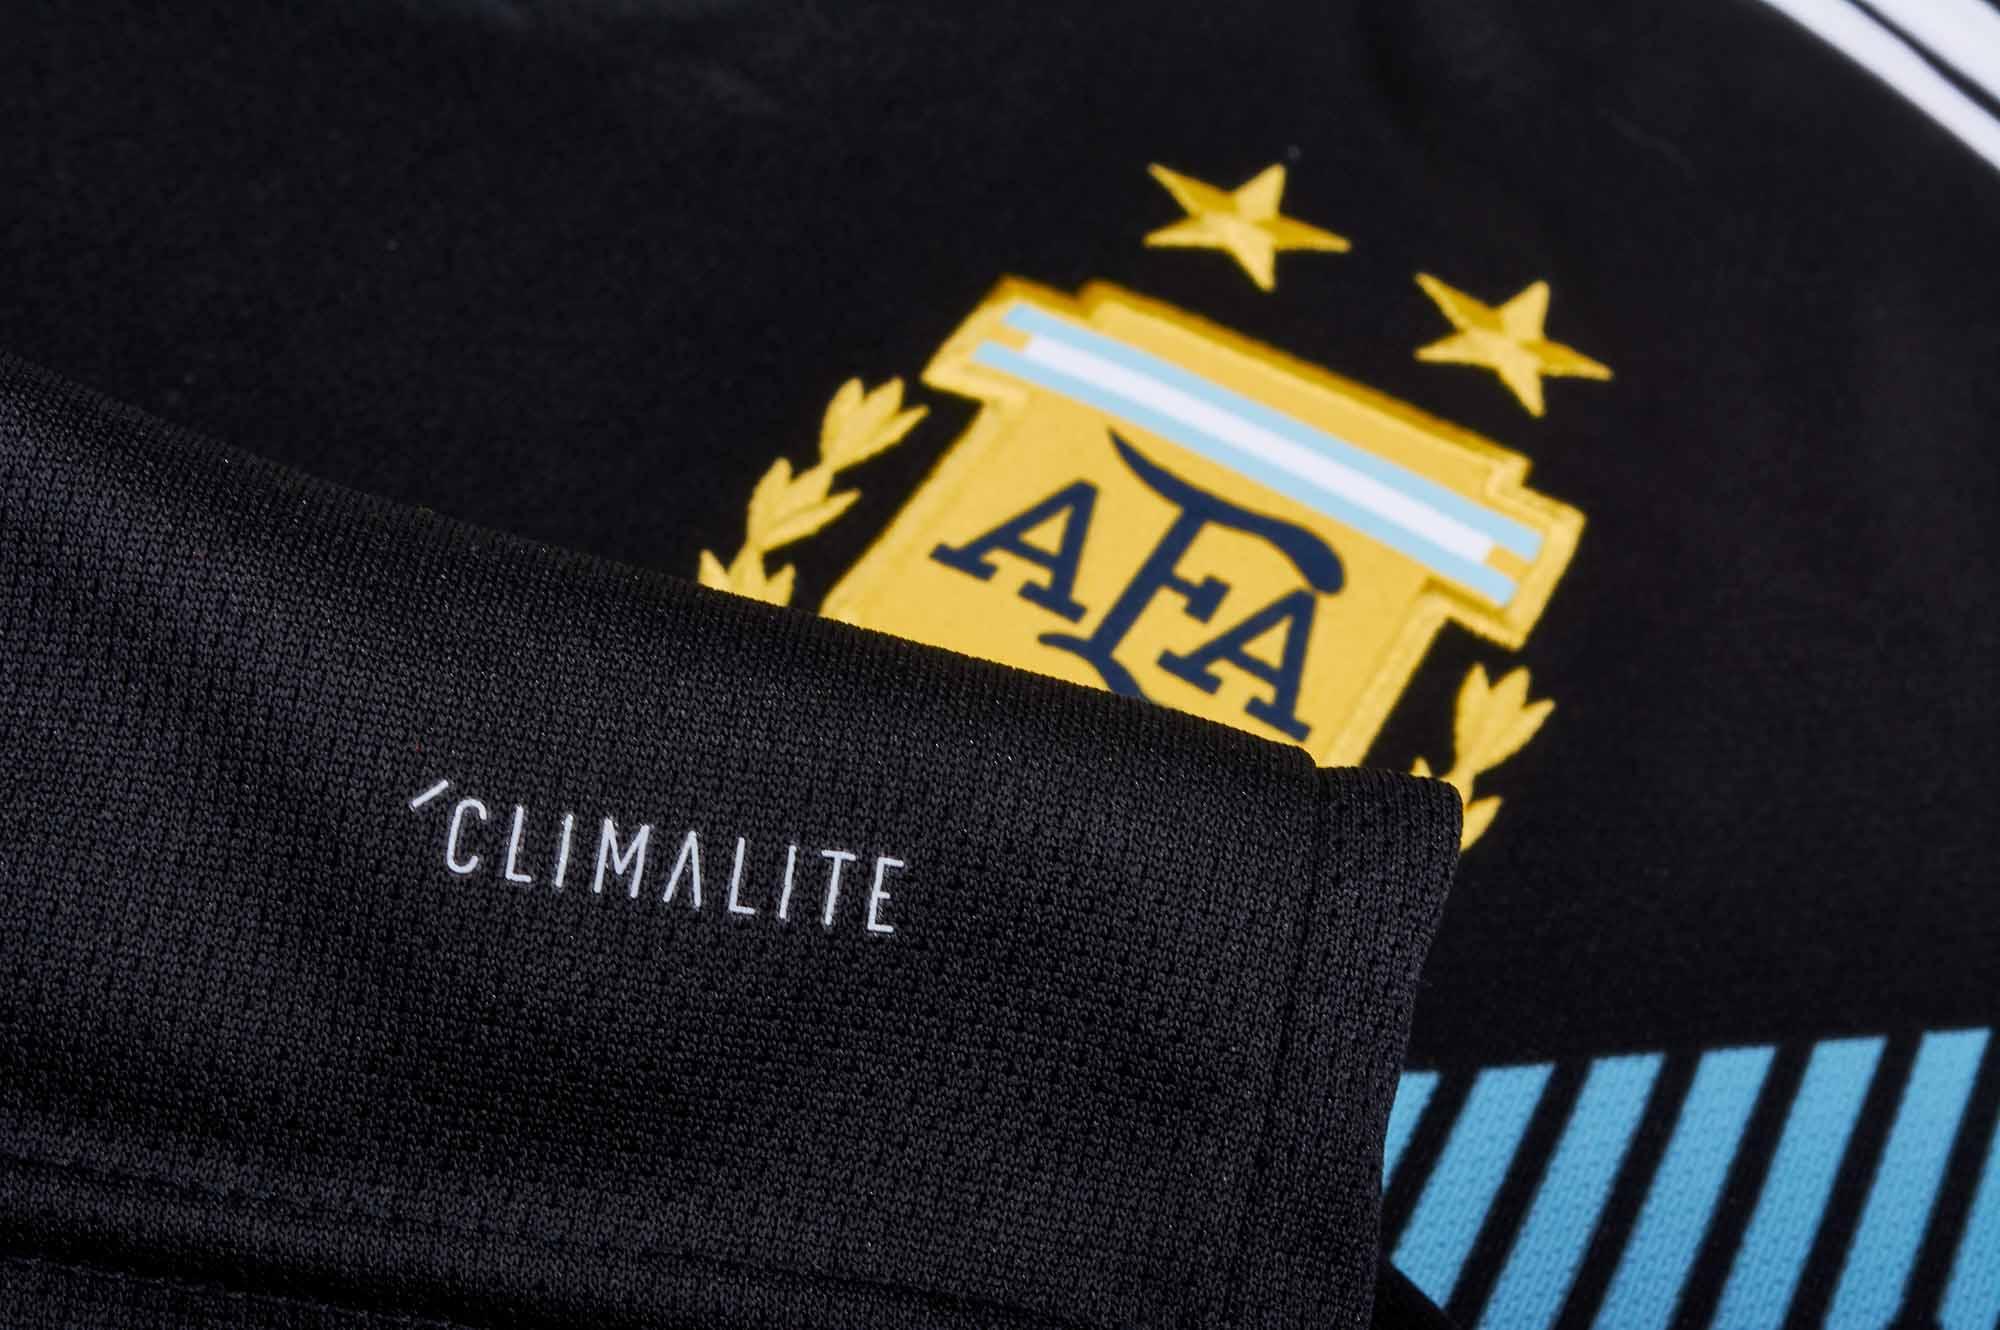 dff9770b2e8 adidas Argentina Away Jersey 2018-19 - SoccerPro.com